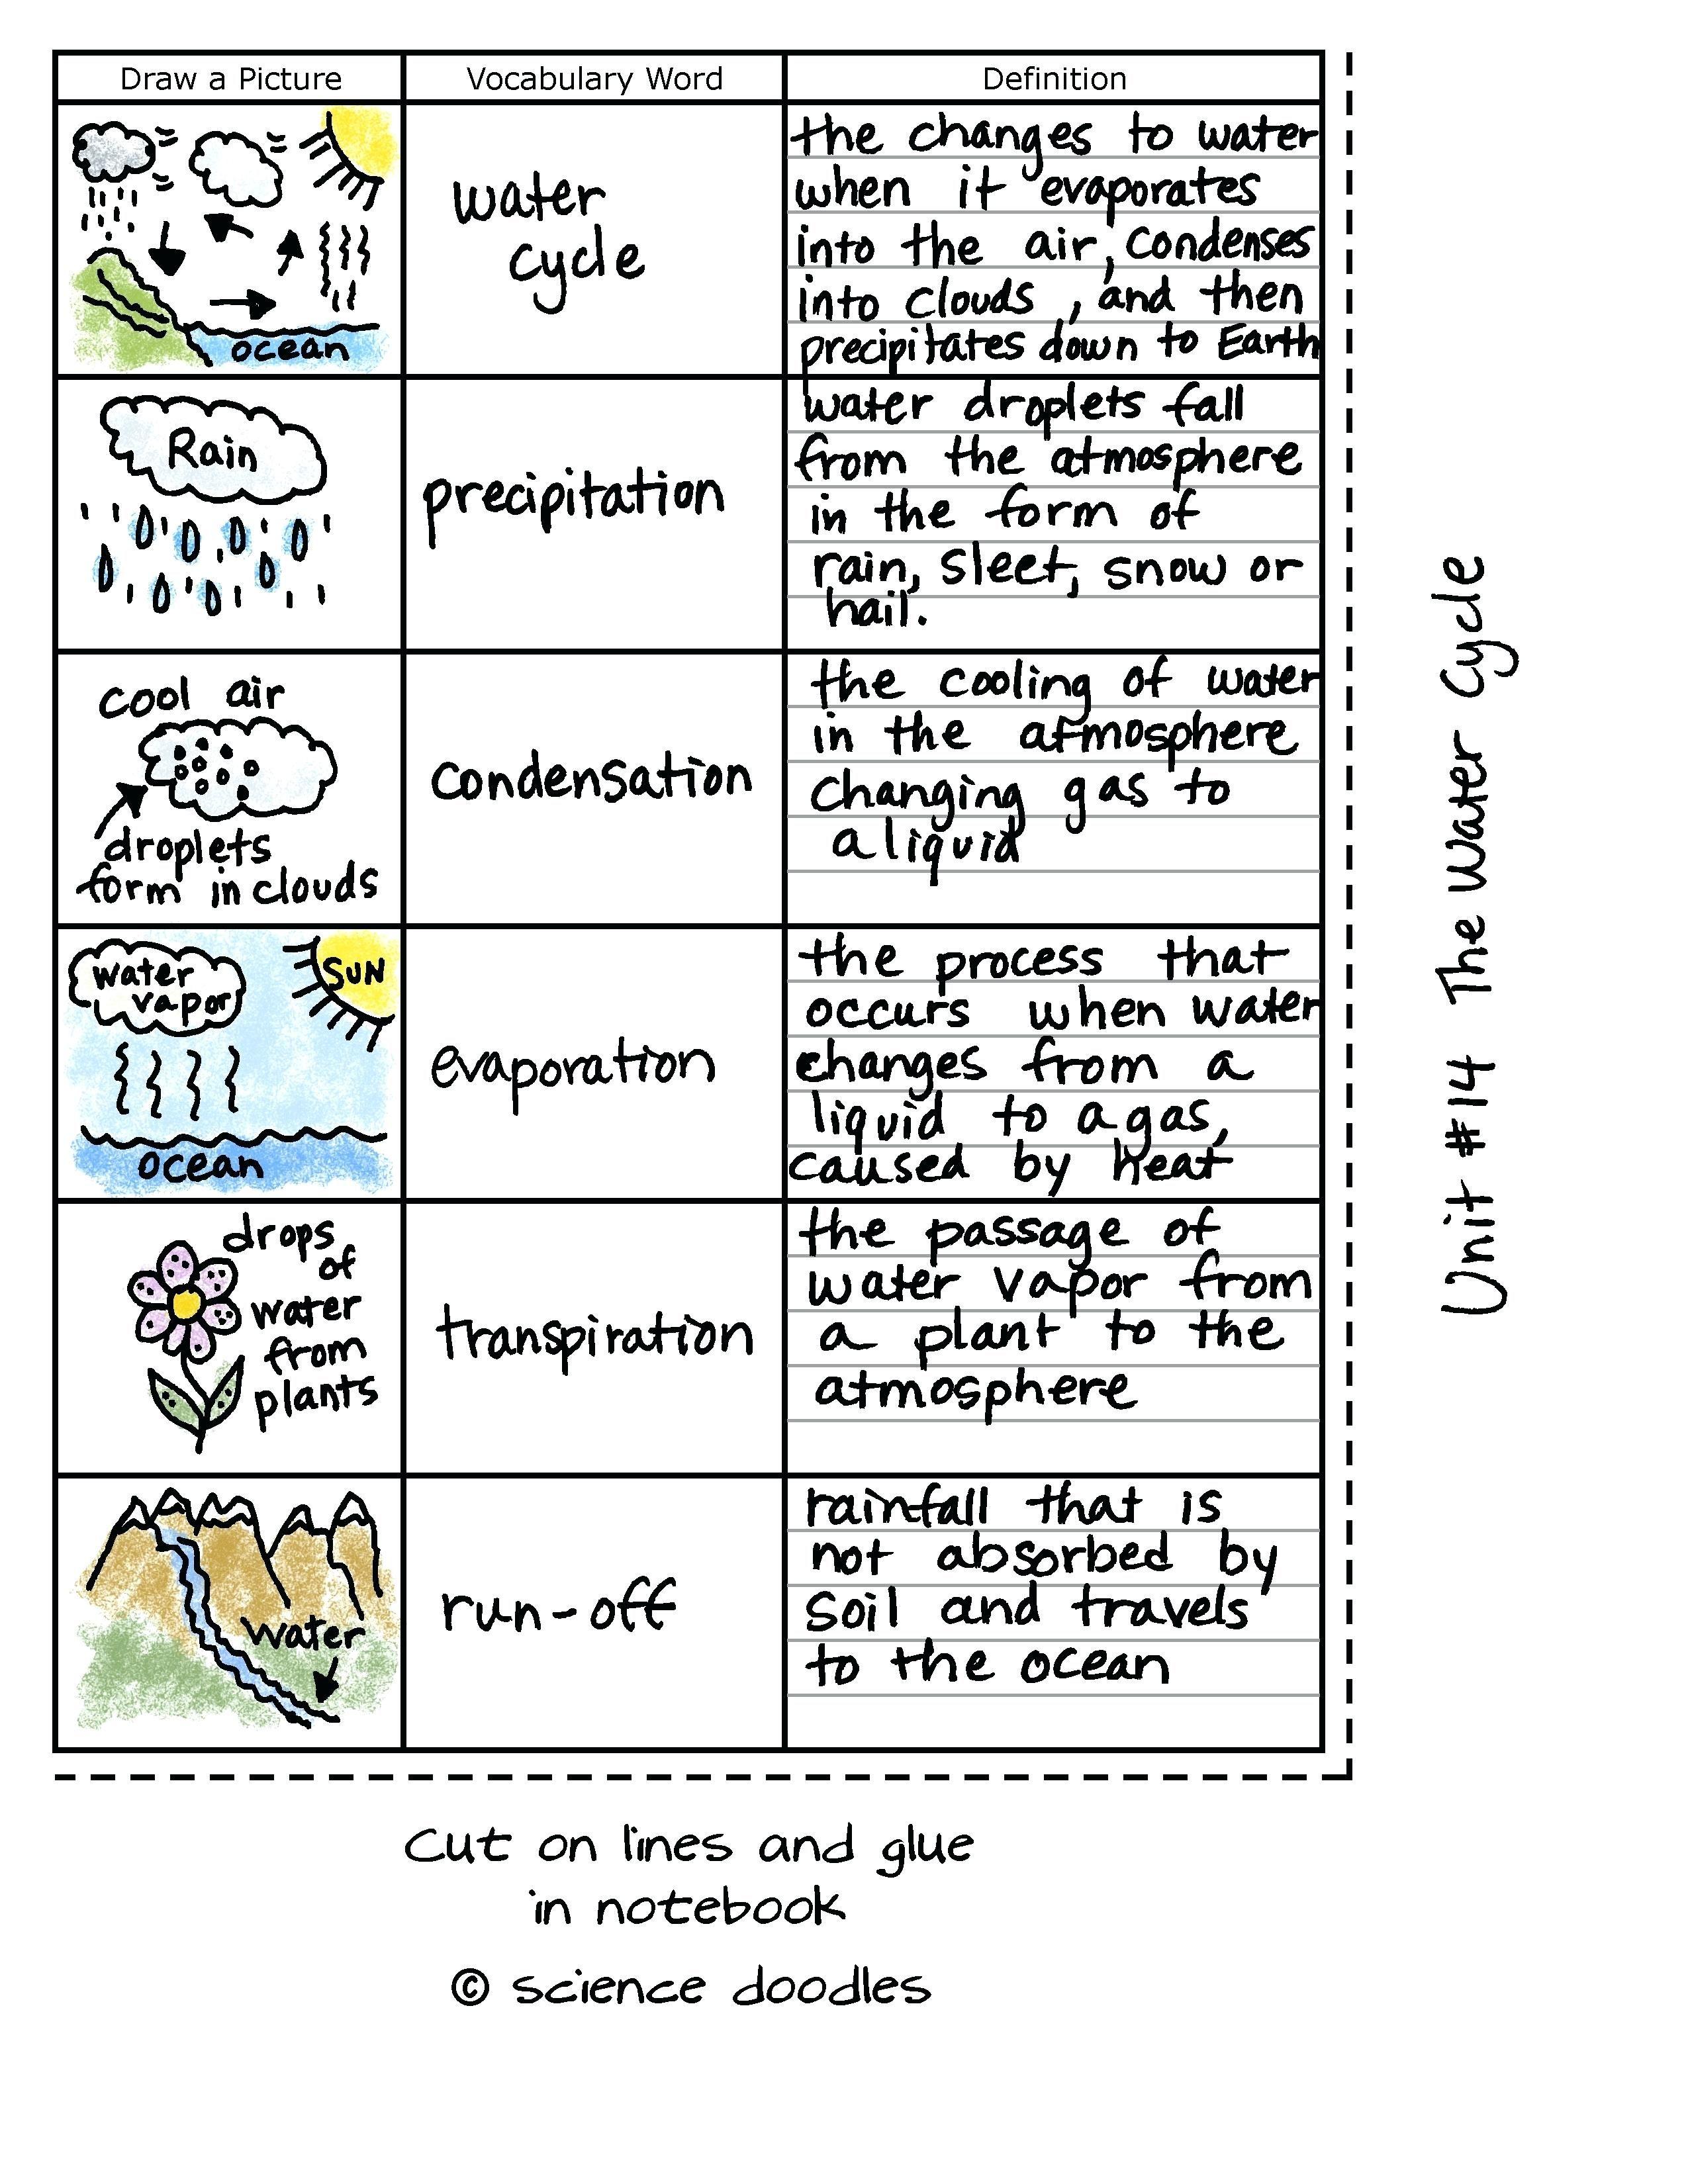 36 Simple Water Cycle Worksheet Ideas Https Bacamajalah Com 36 Simple Water Cycle Worksheet Ideas Science Doodles Elementary Science Teaching Science